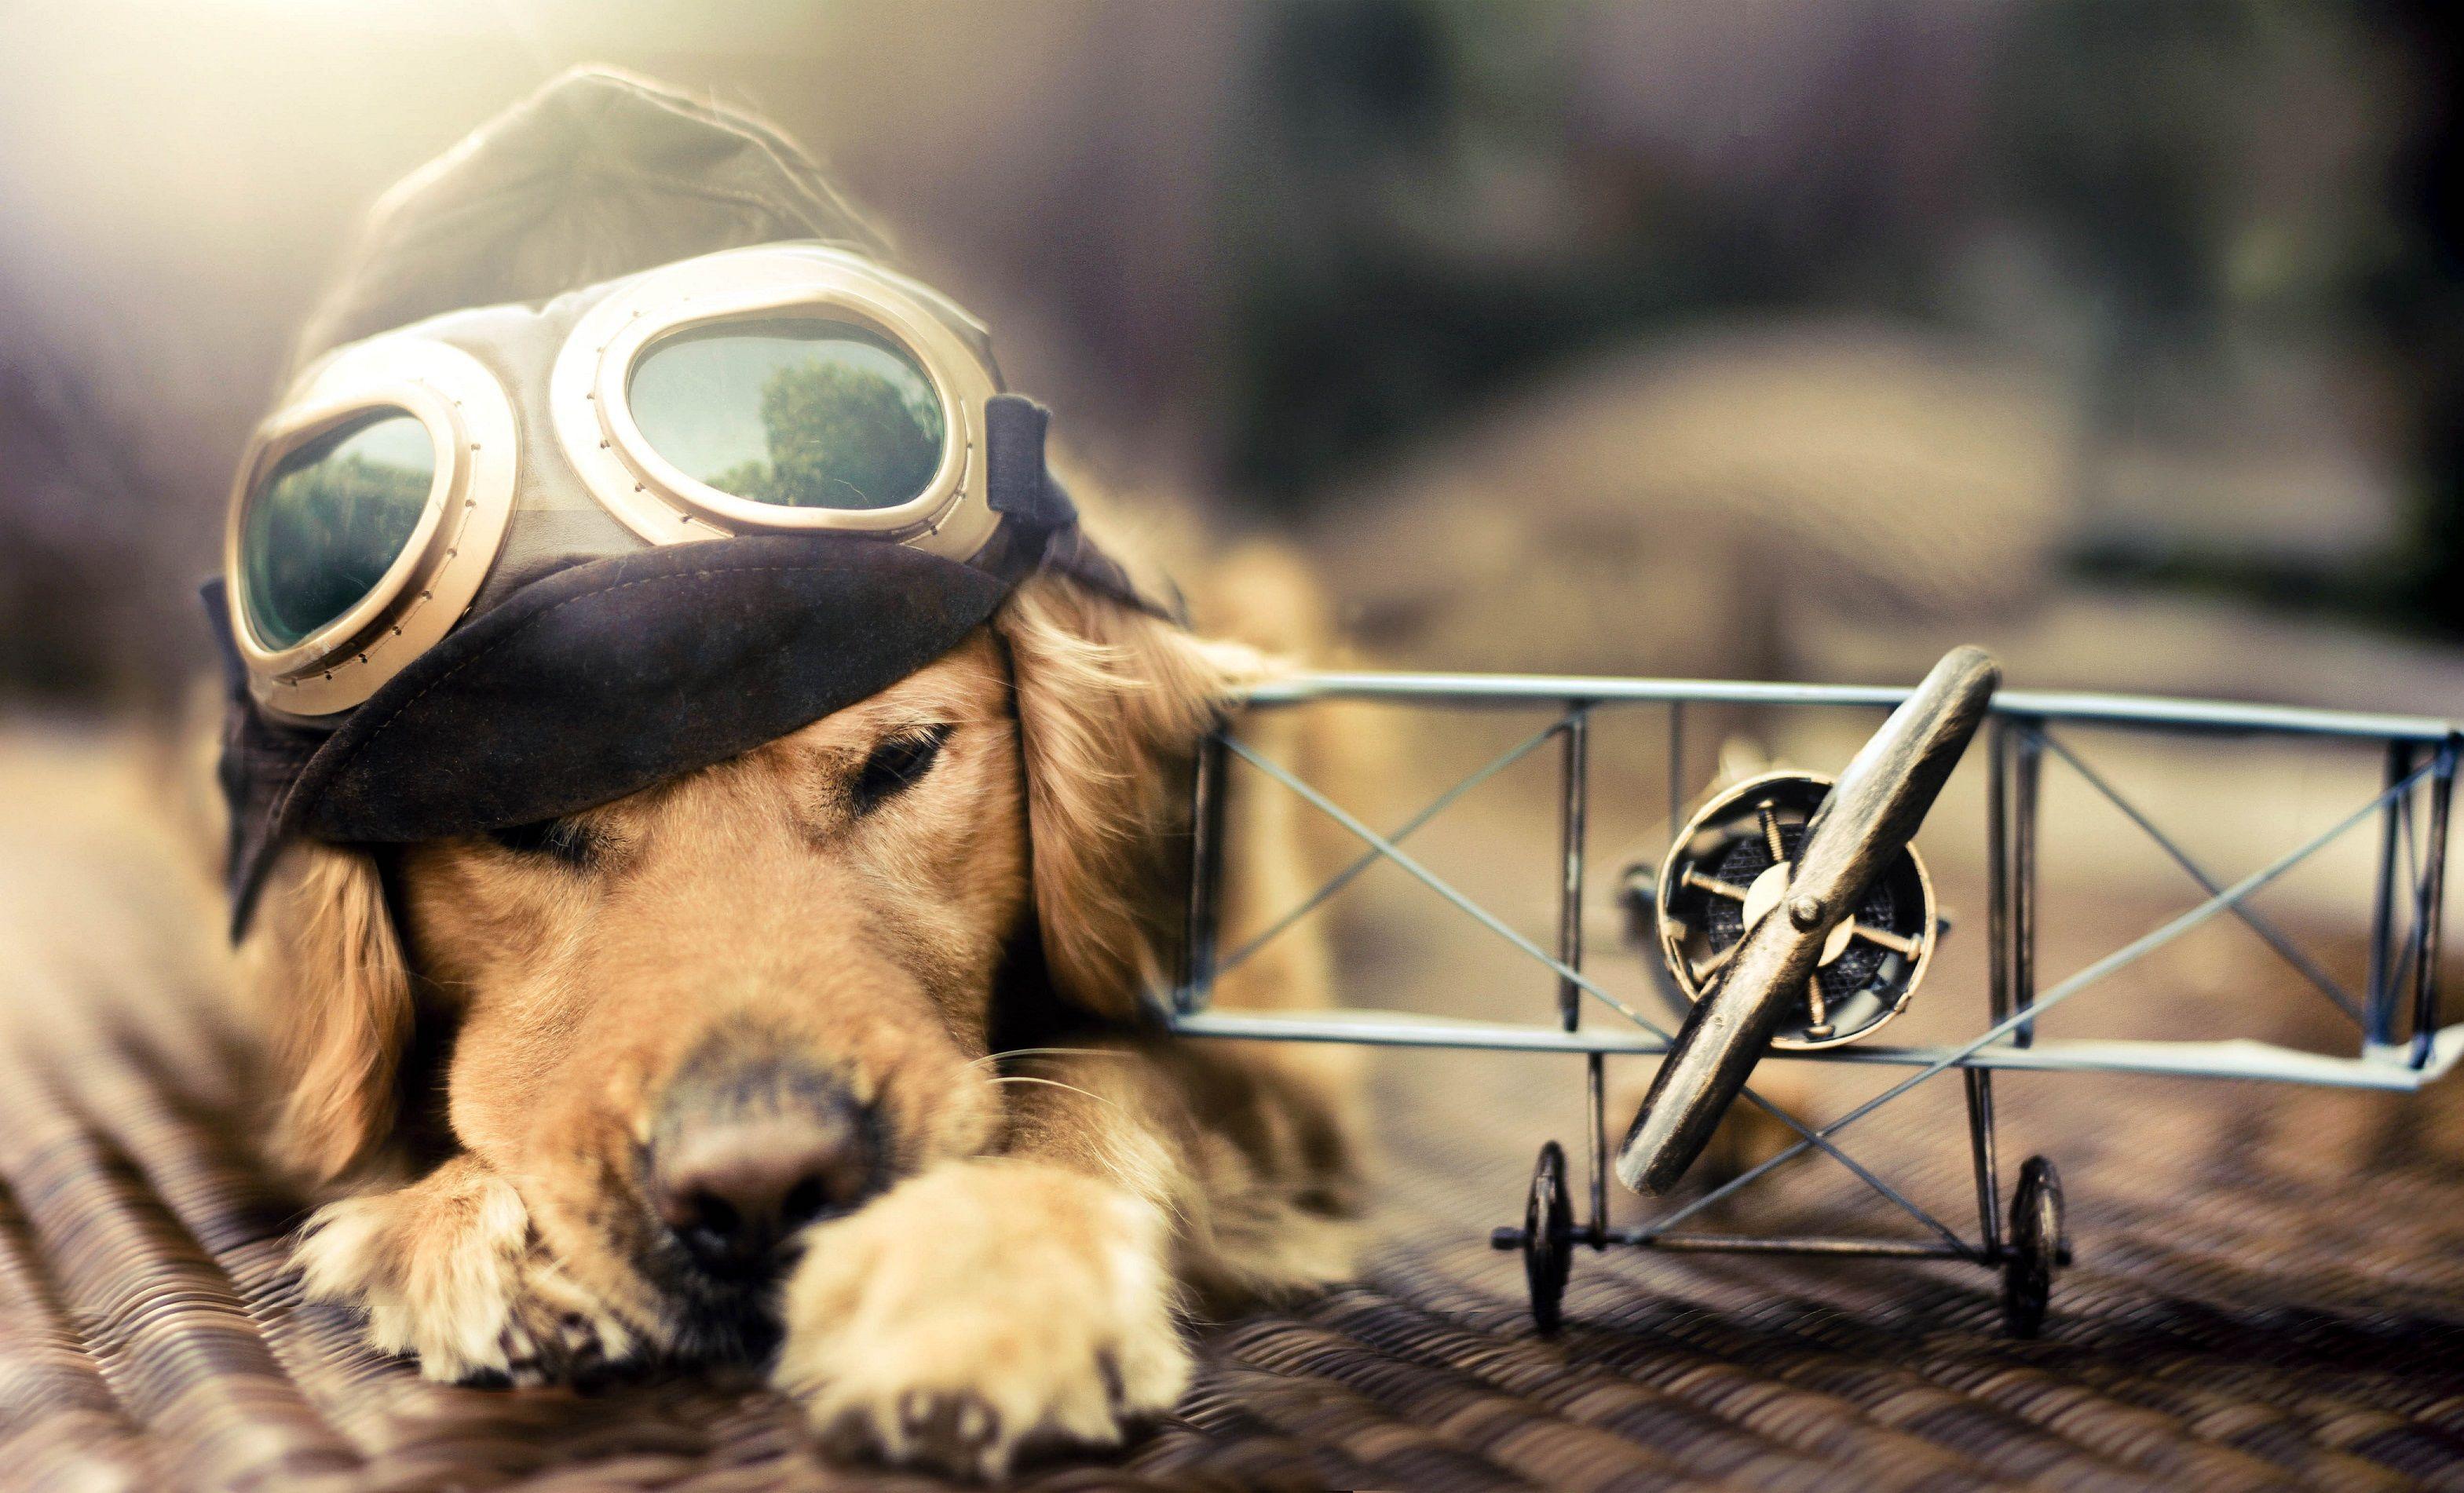 Hình nền con chó dễ thương 3138x1902